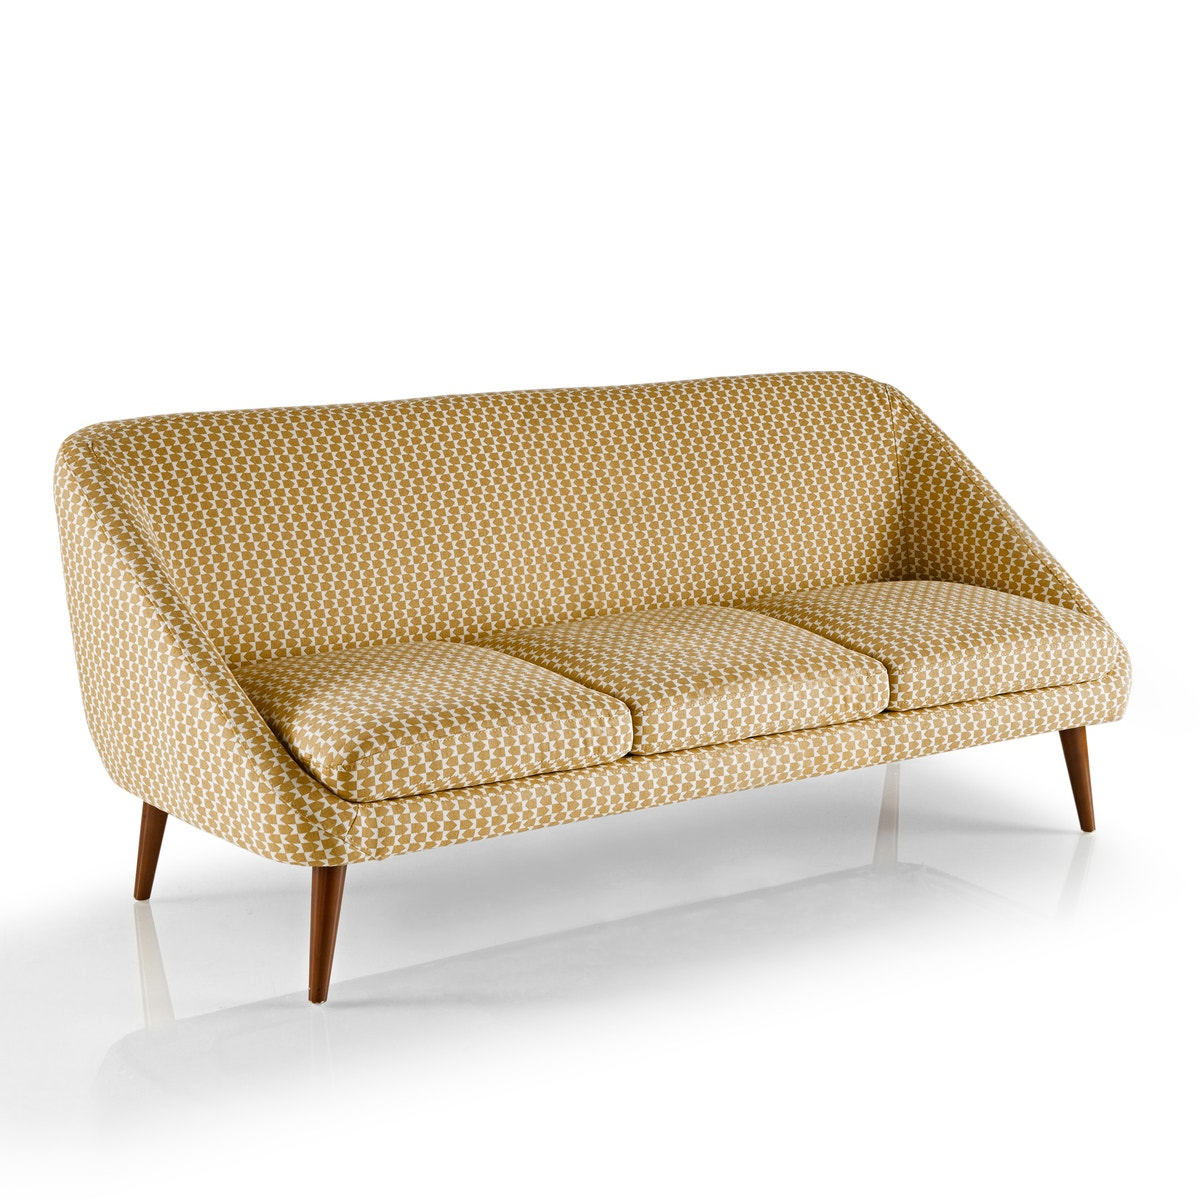 Laredoute диван s 126668/8